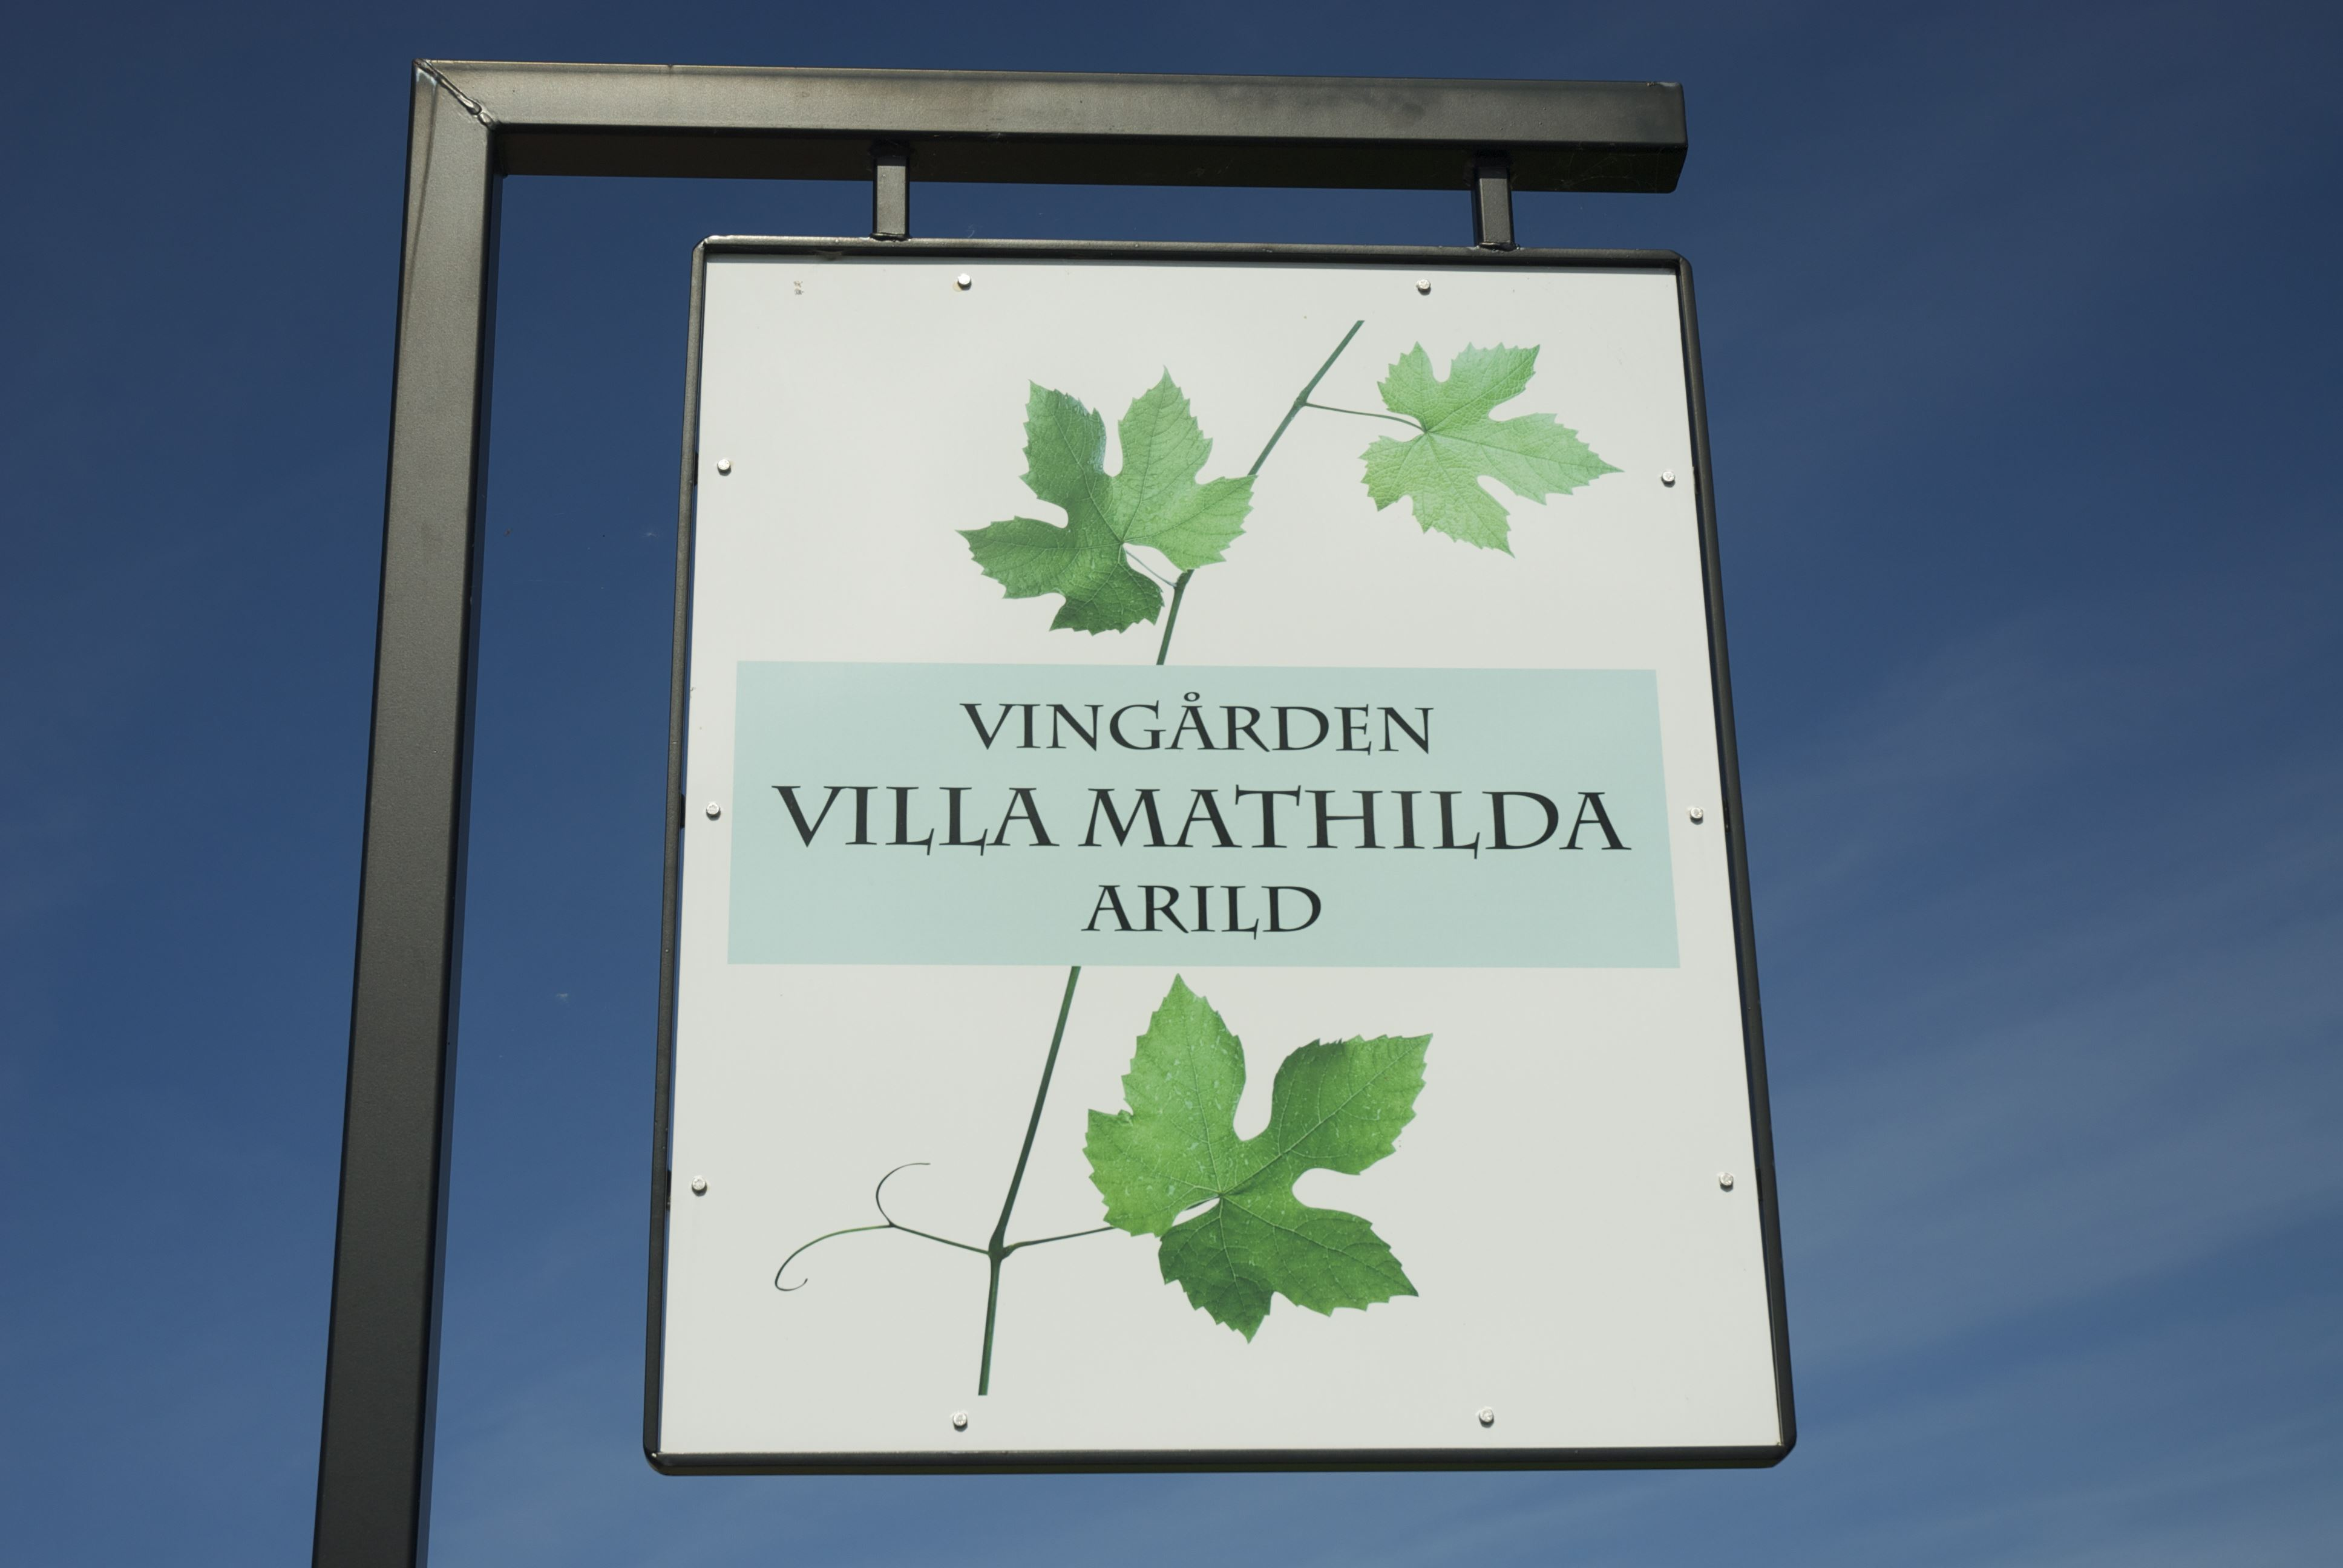 Vingården Villa Mathilda, Vingården Villa Mathilda